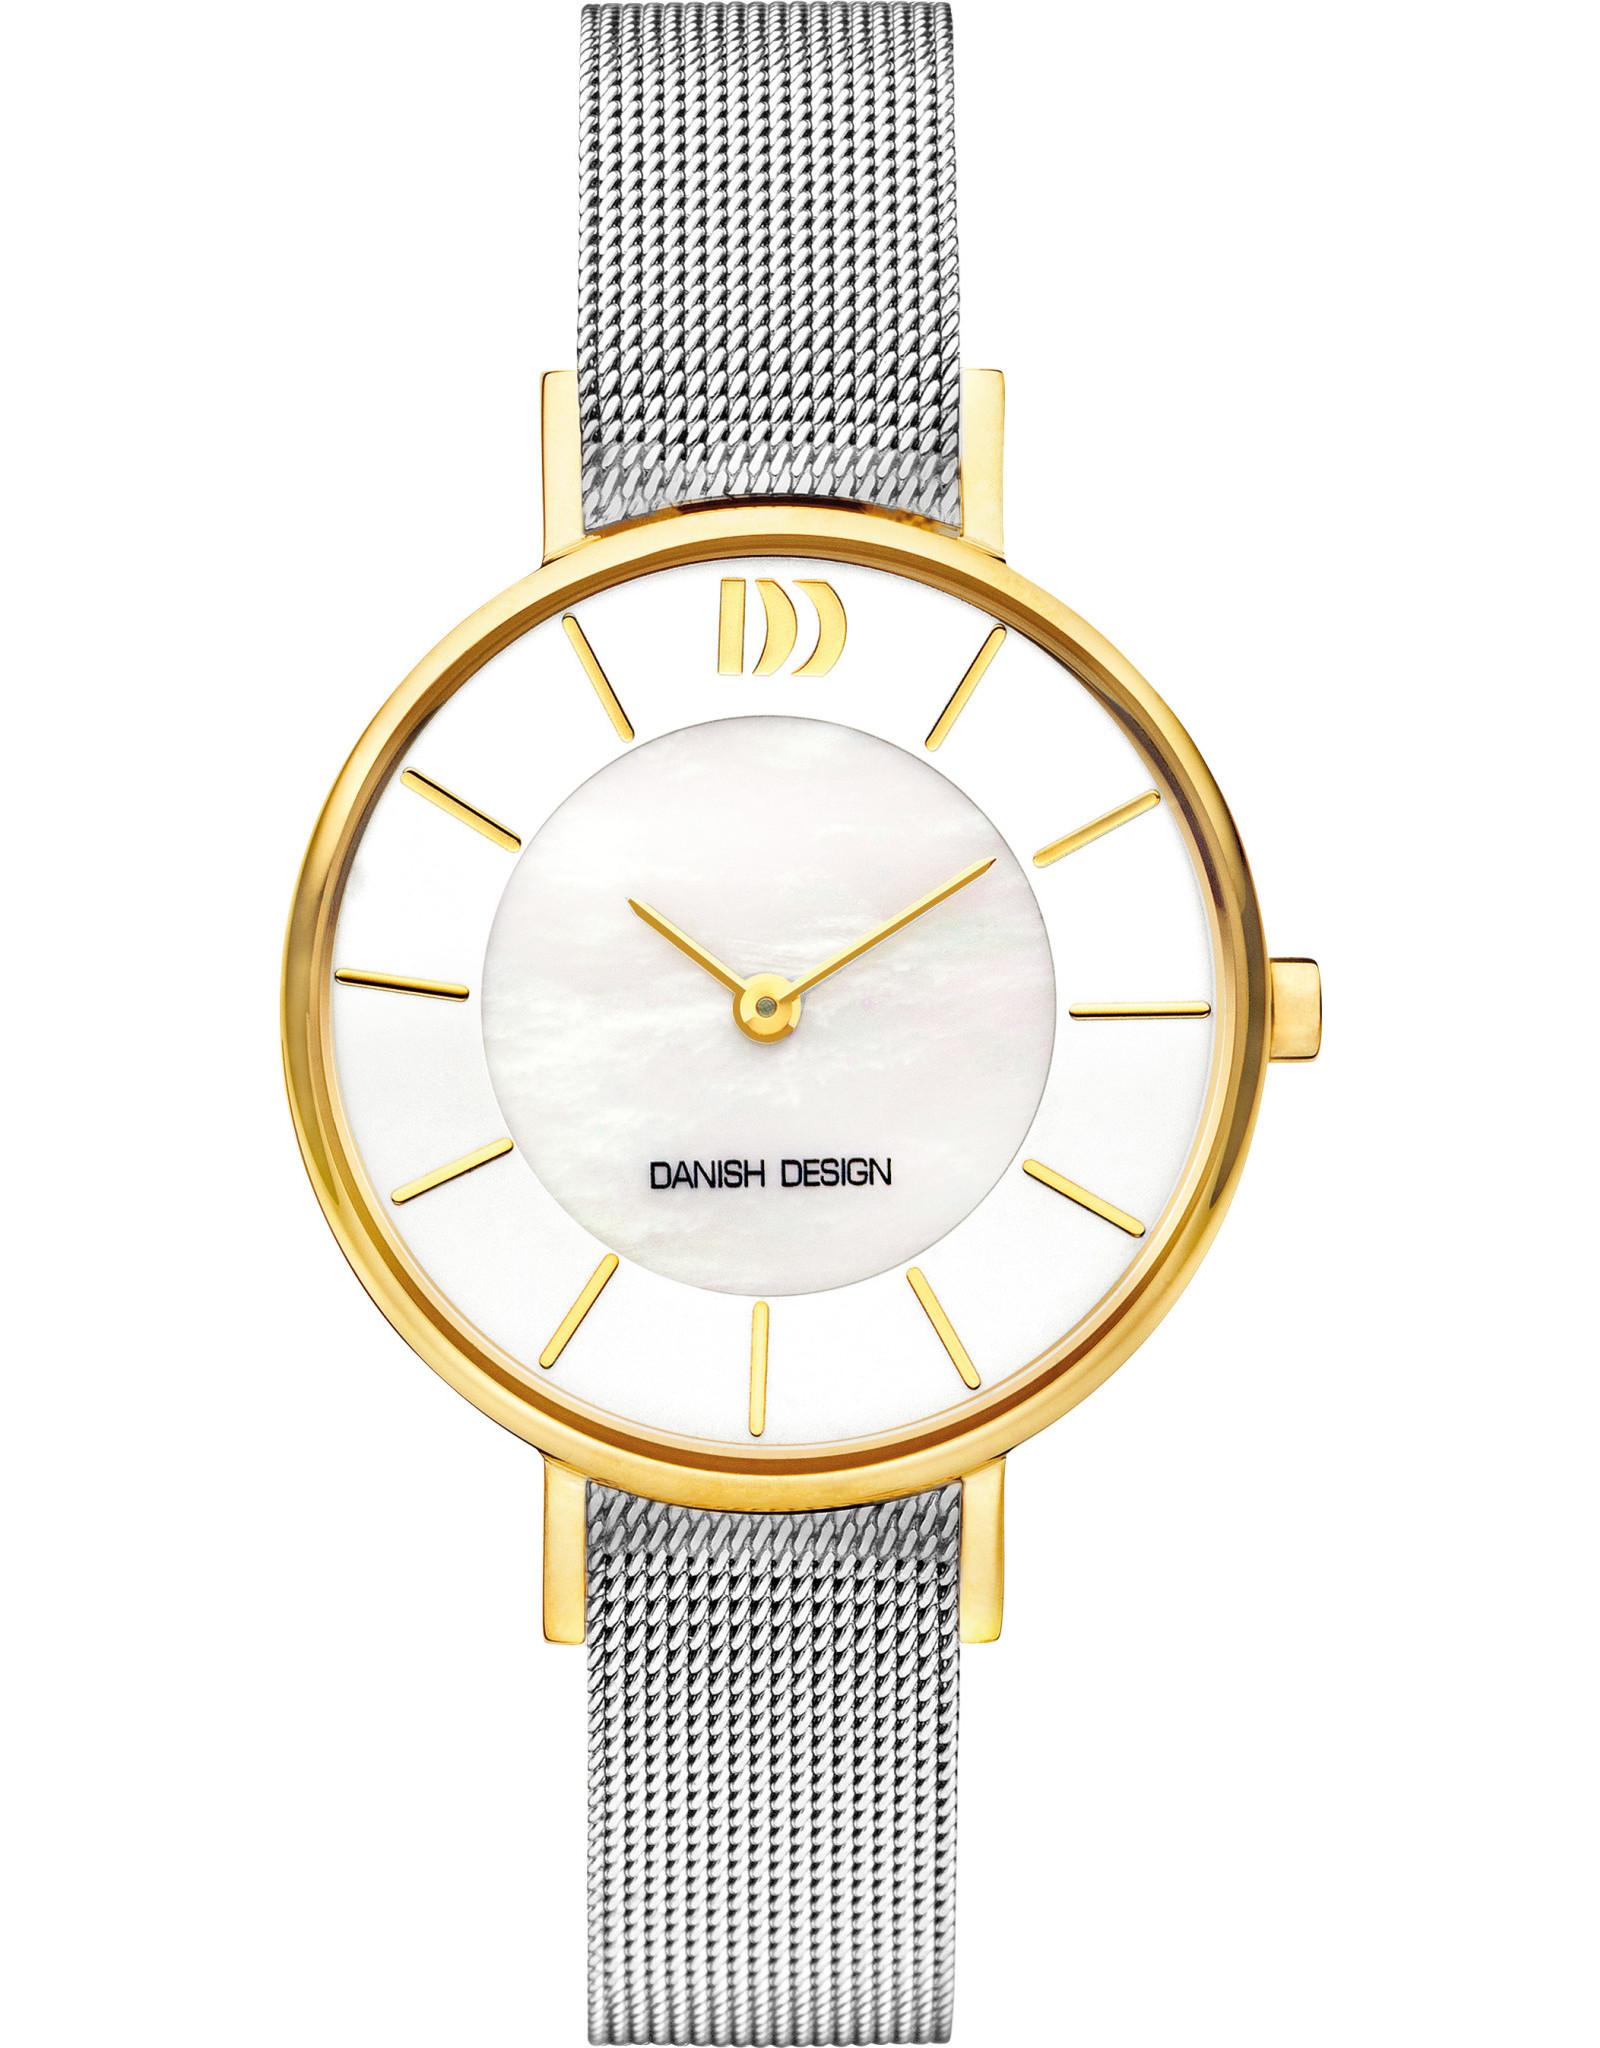 Danish Design Danish Design IQ65Q1167